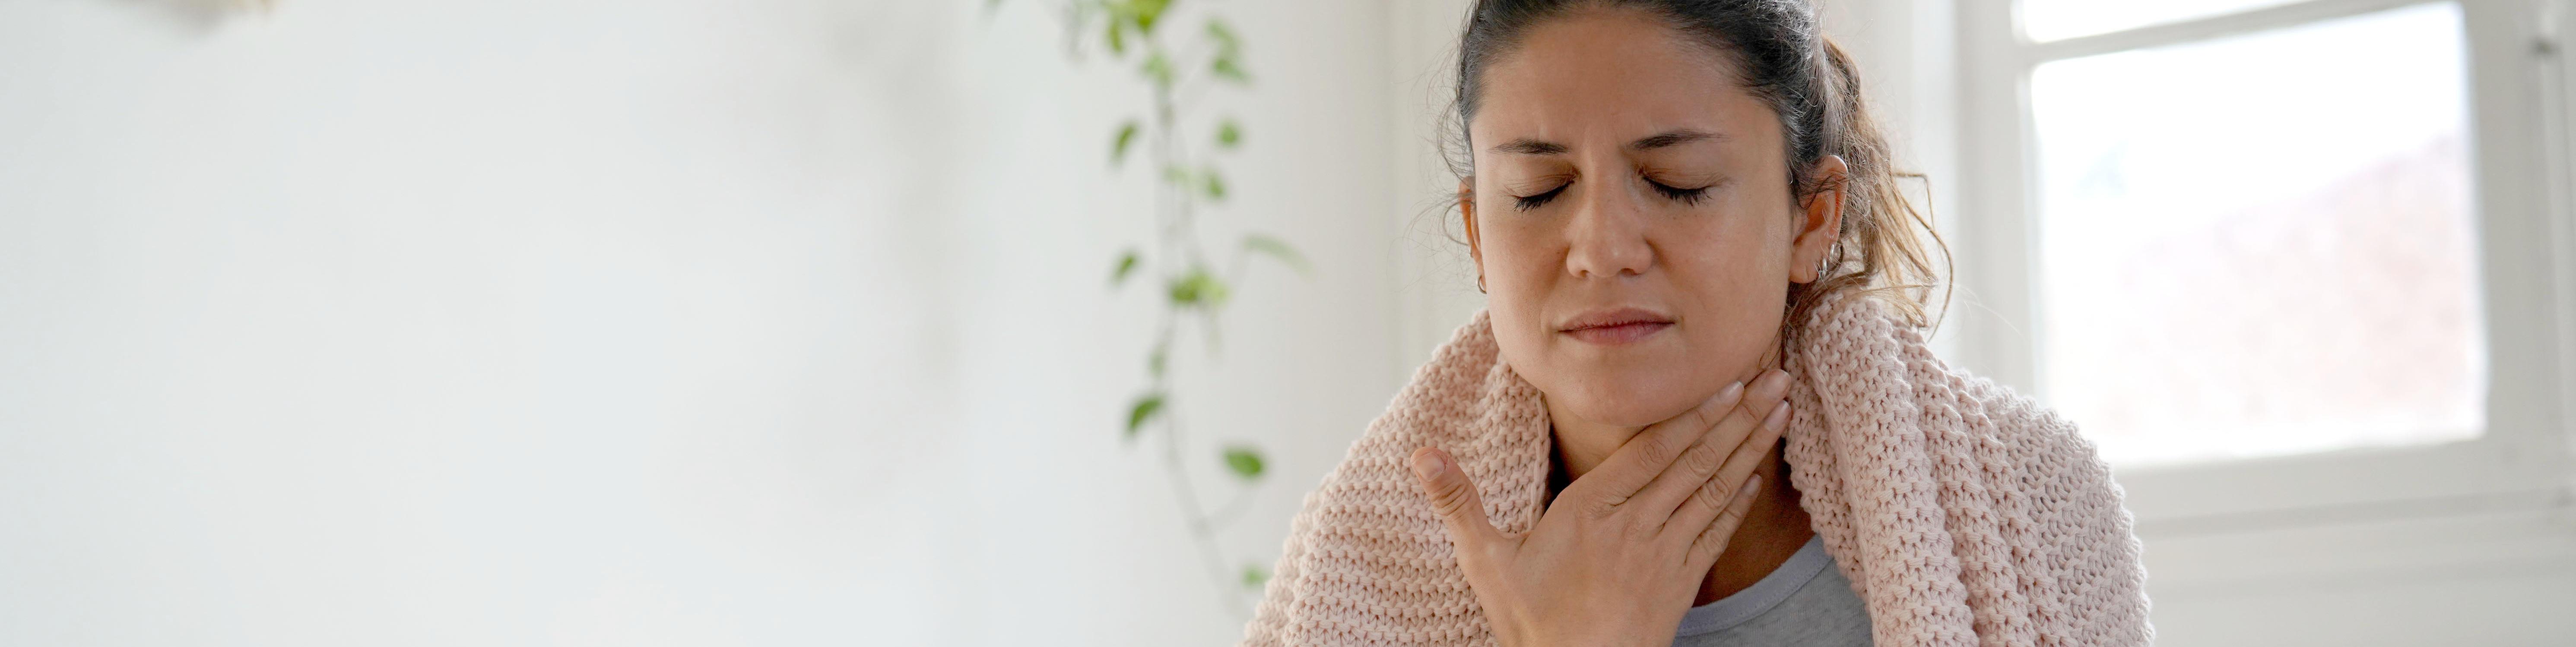 Halsschmerzen, Mandelentzündung, Fieber